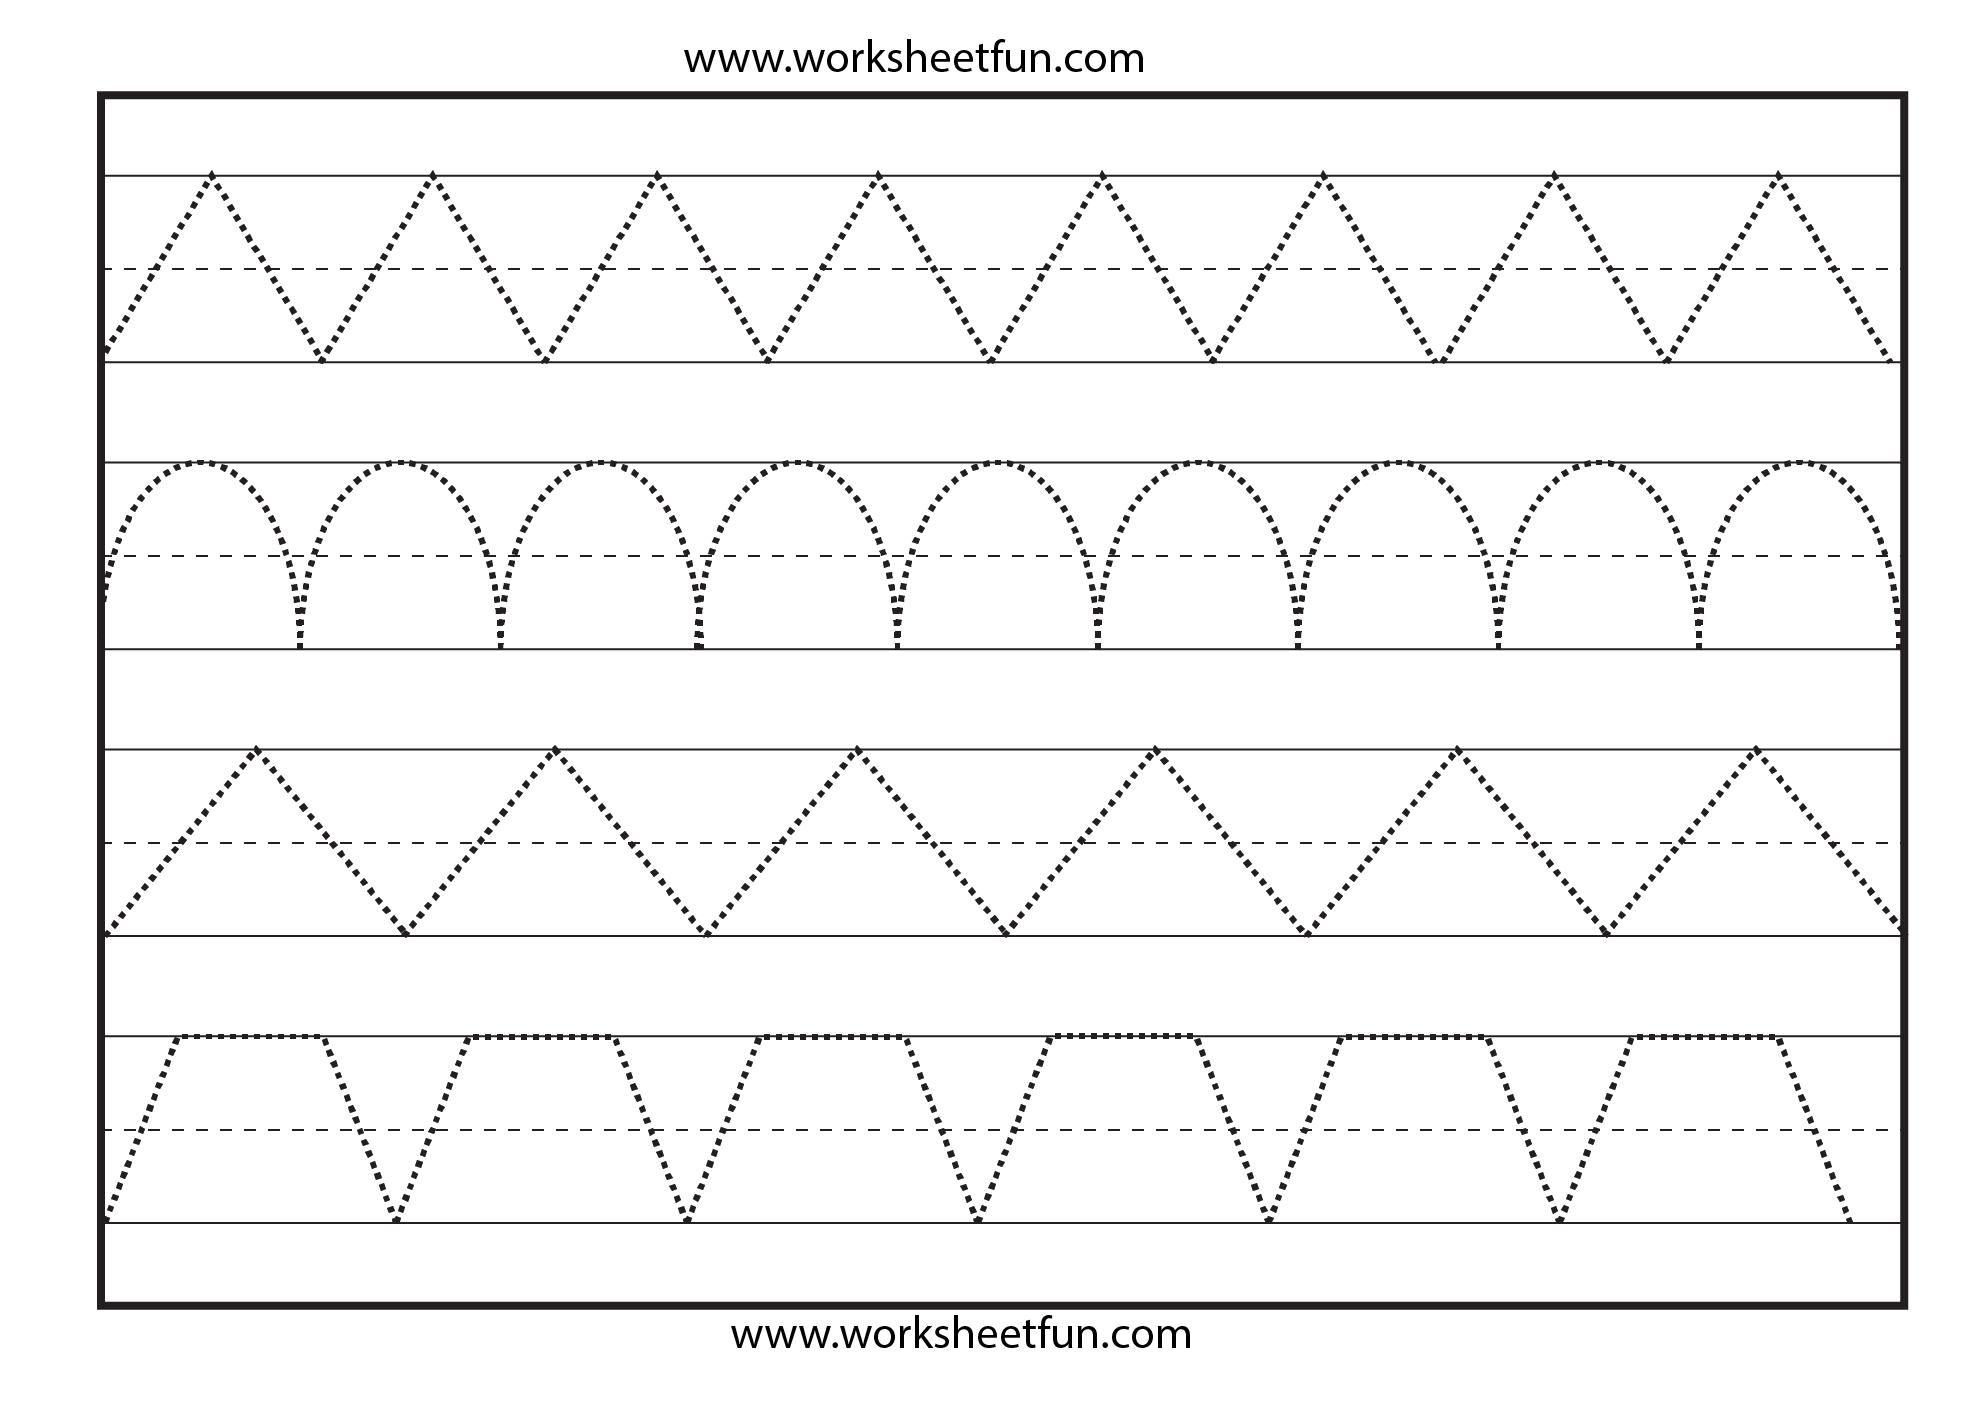 Line Tracing – 1 Worksheet / Free Printable Worksheets – Worksheetfun - Free Printable Homework Worksheets